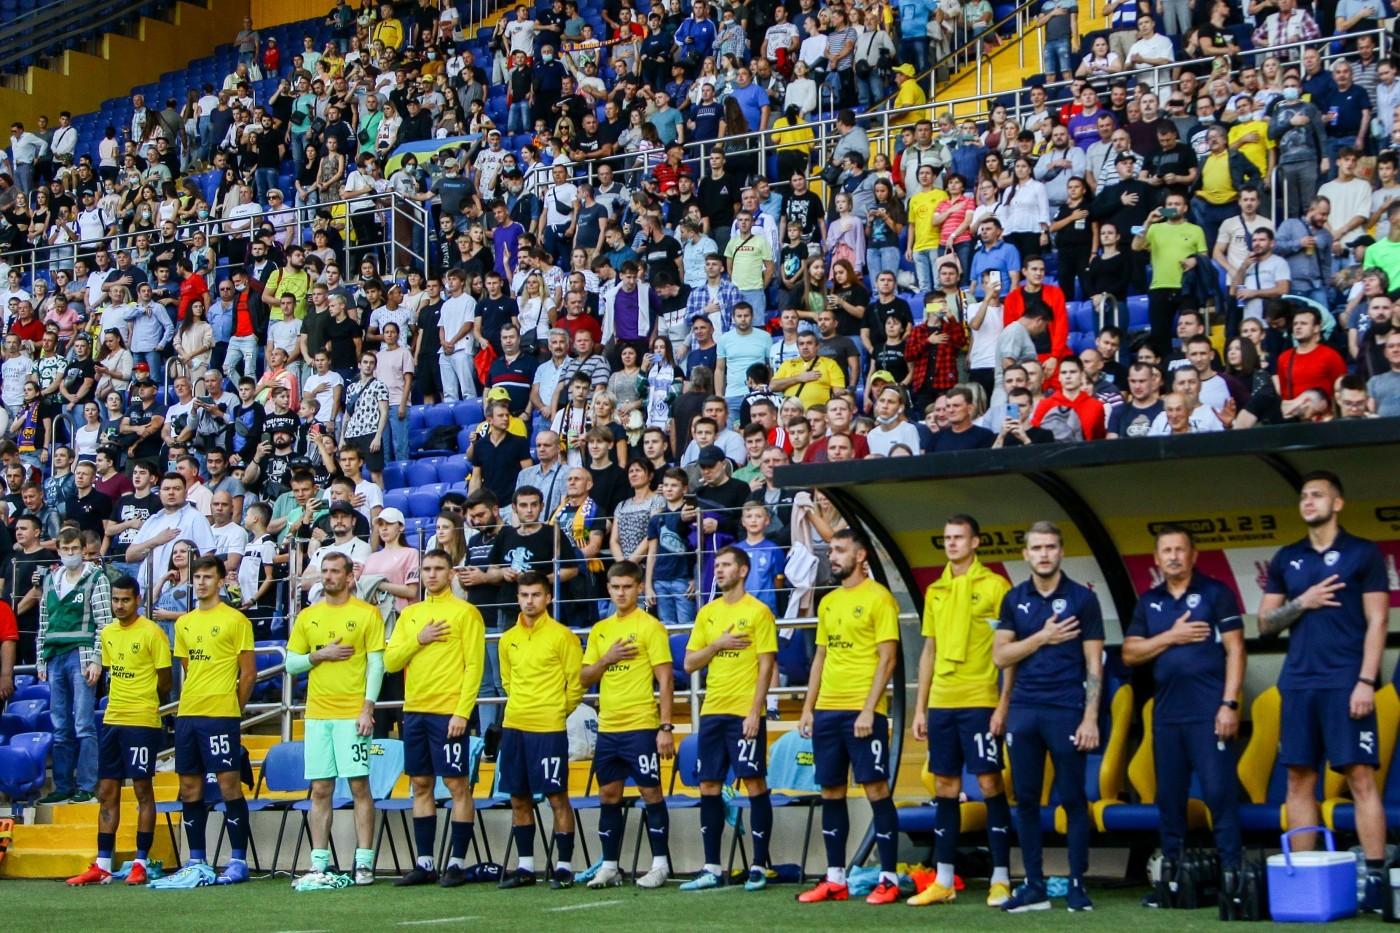 """Где и как ходят на футбол: """"битва за Киев"""" - продолжение, и что было до пандемии? - изображение 2"""